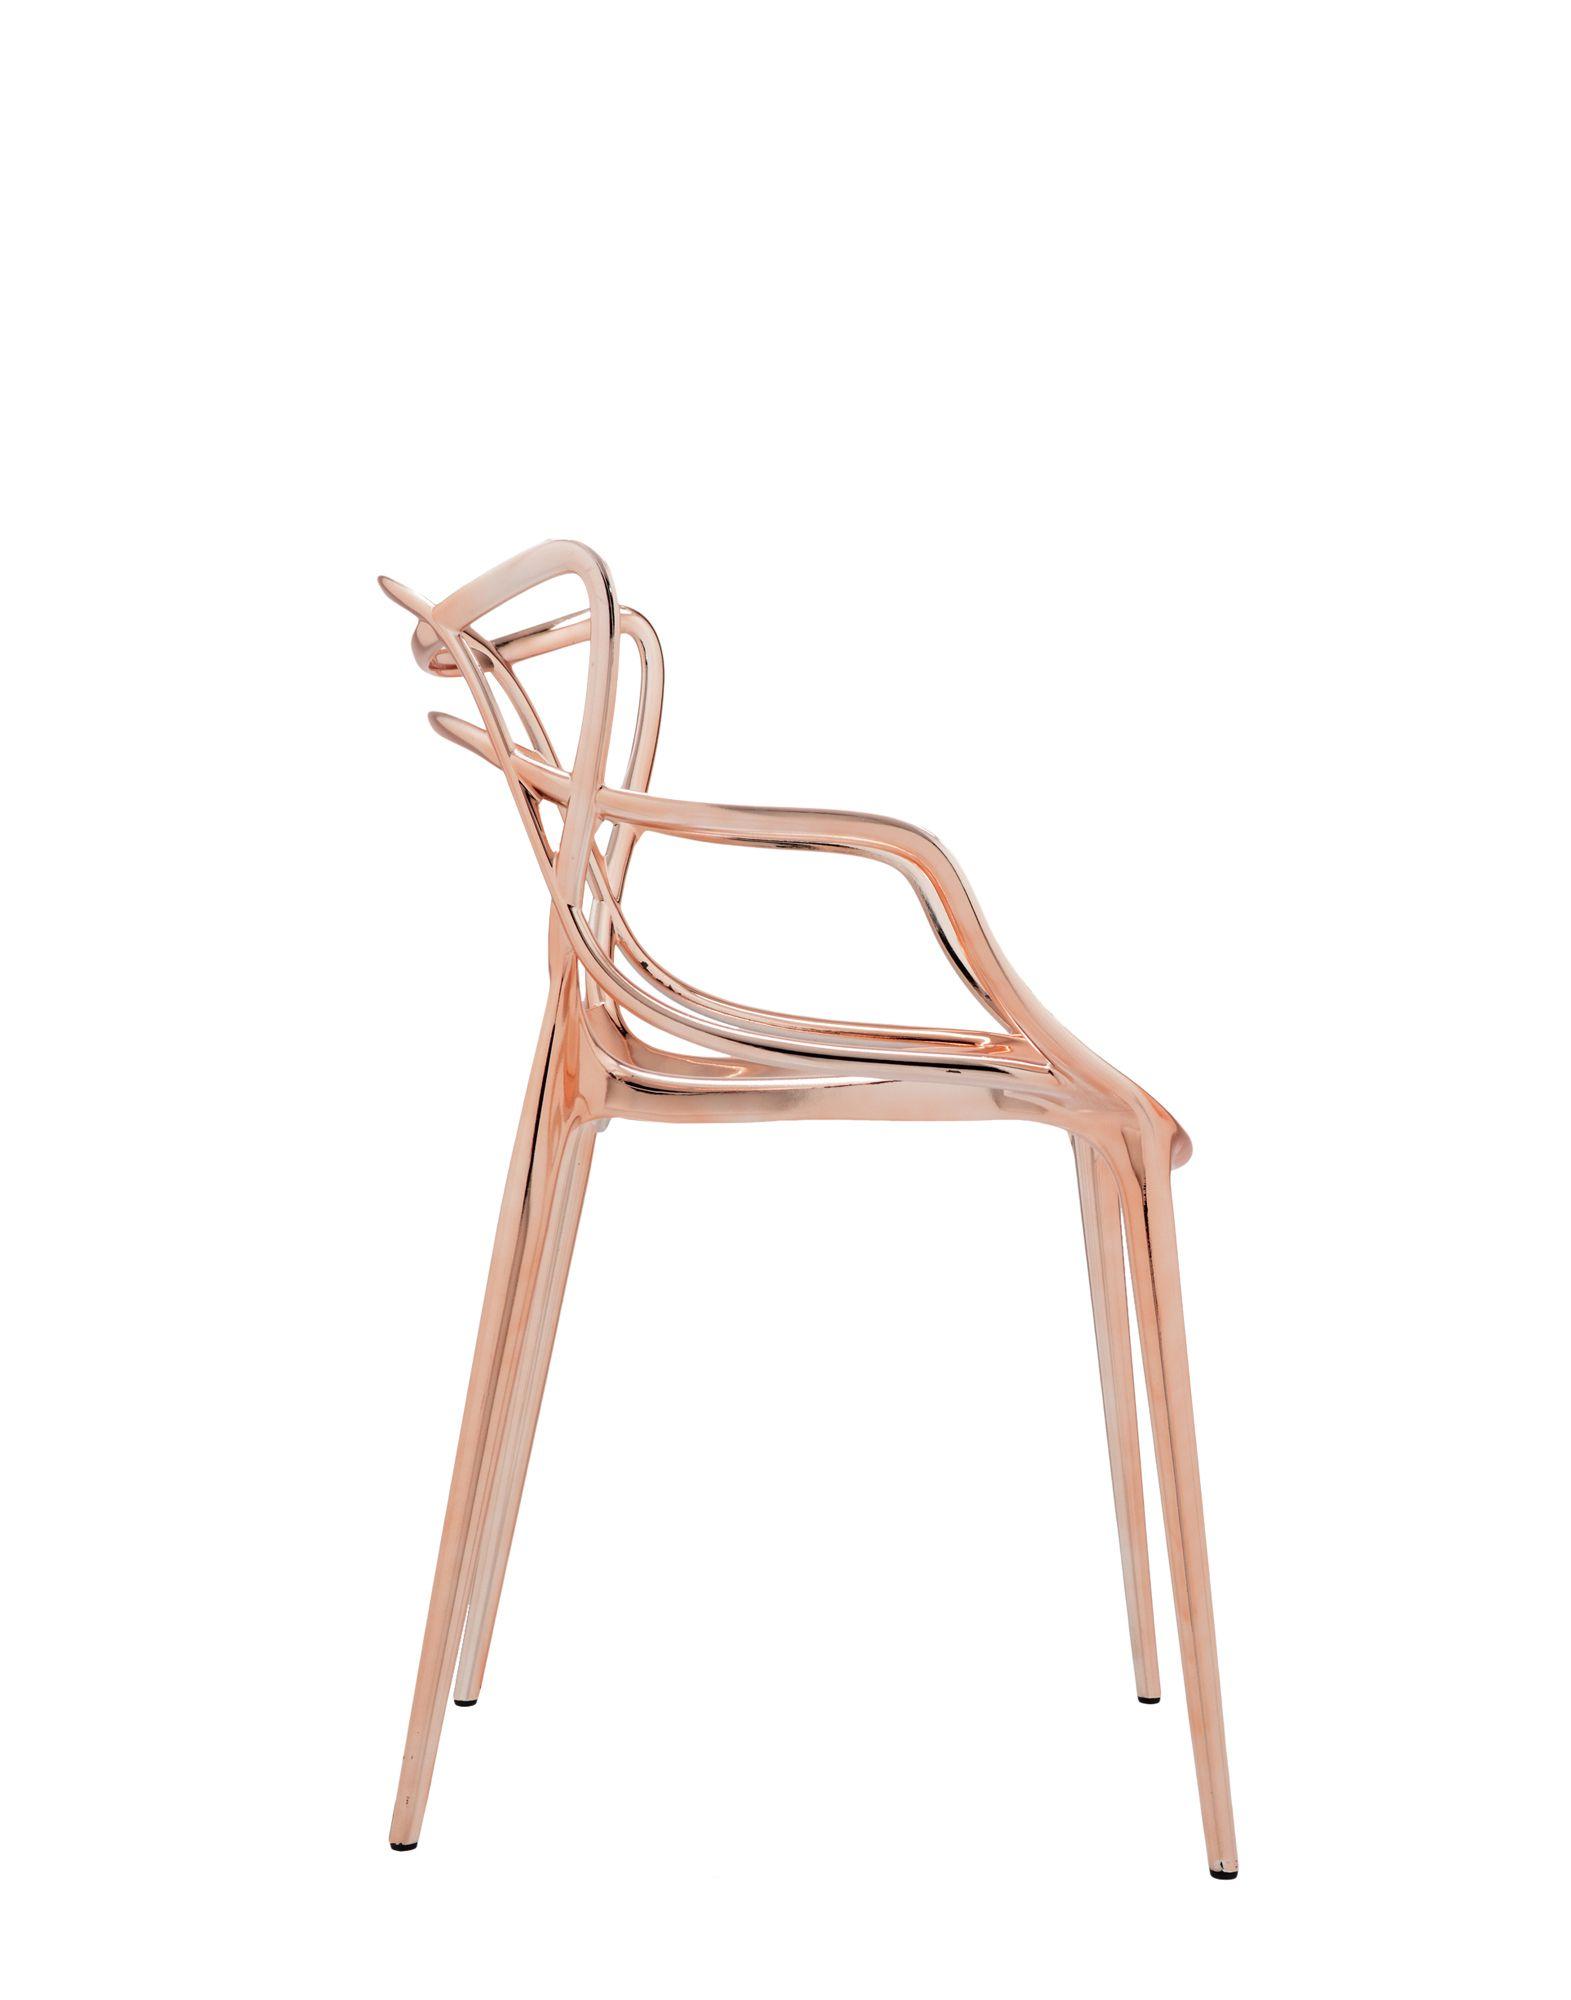 Kartell masters rame sedie sedie design sedie moderne - Sedia masters kartell ...